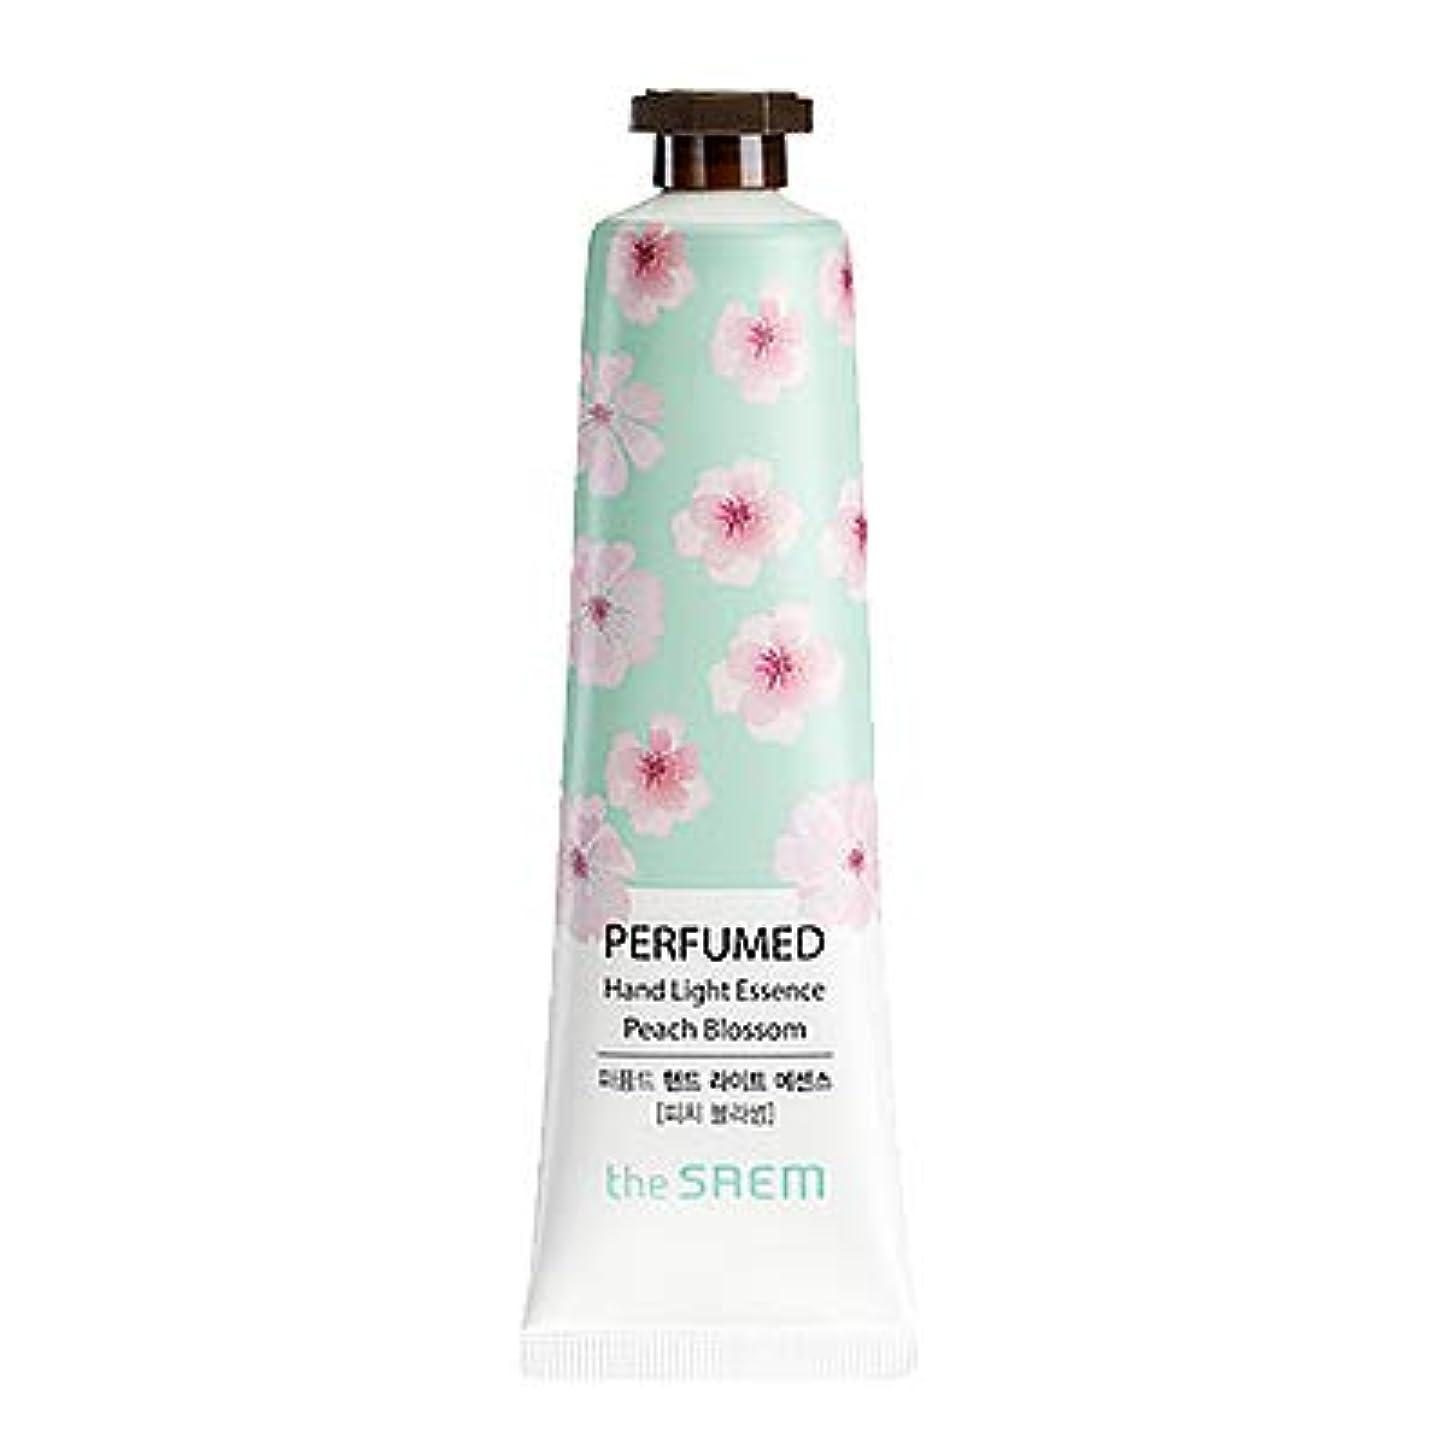 ジョージエリオット歯科の現金theSAEM ザセム パヒューム ハンド ライト エッセンス ハンドクリーム PERFUMED HAND LIGHT ESSENCE 韓国コスメ (E-Peach Blossom(ピーチブロッサム))